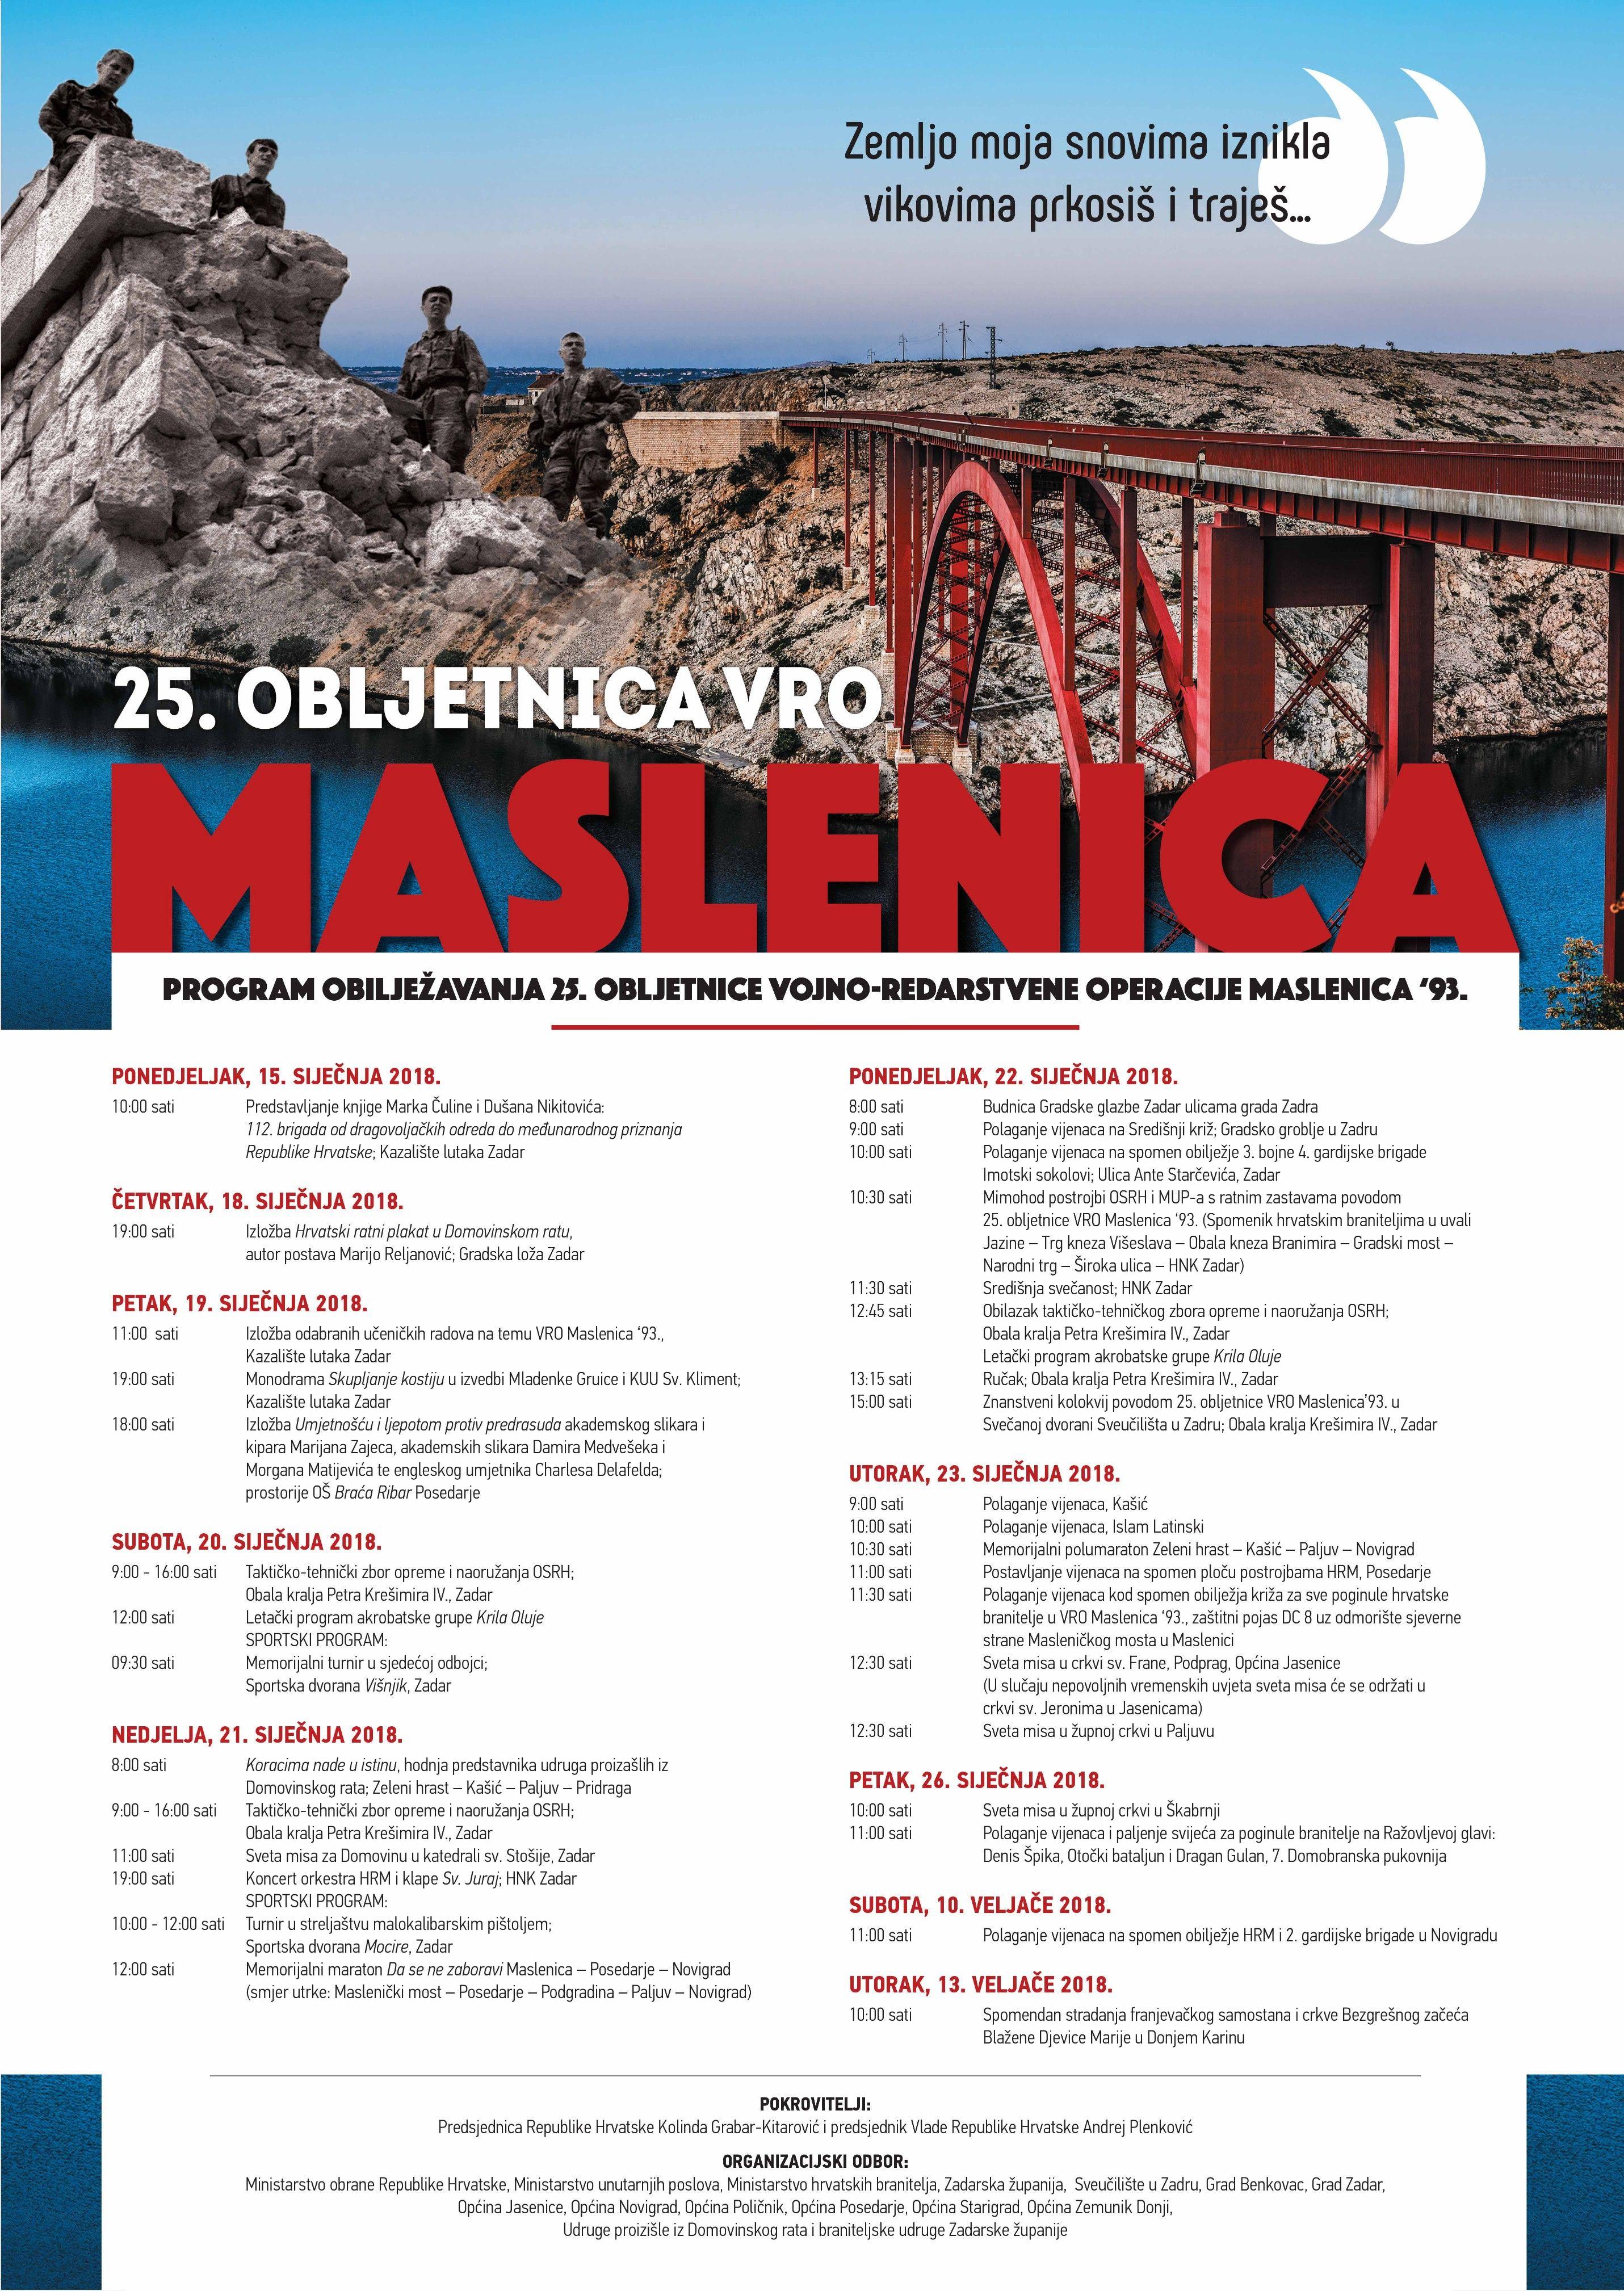 Maslenica_2018_Zadar_tiskano-1-2861x4036